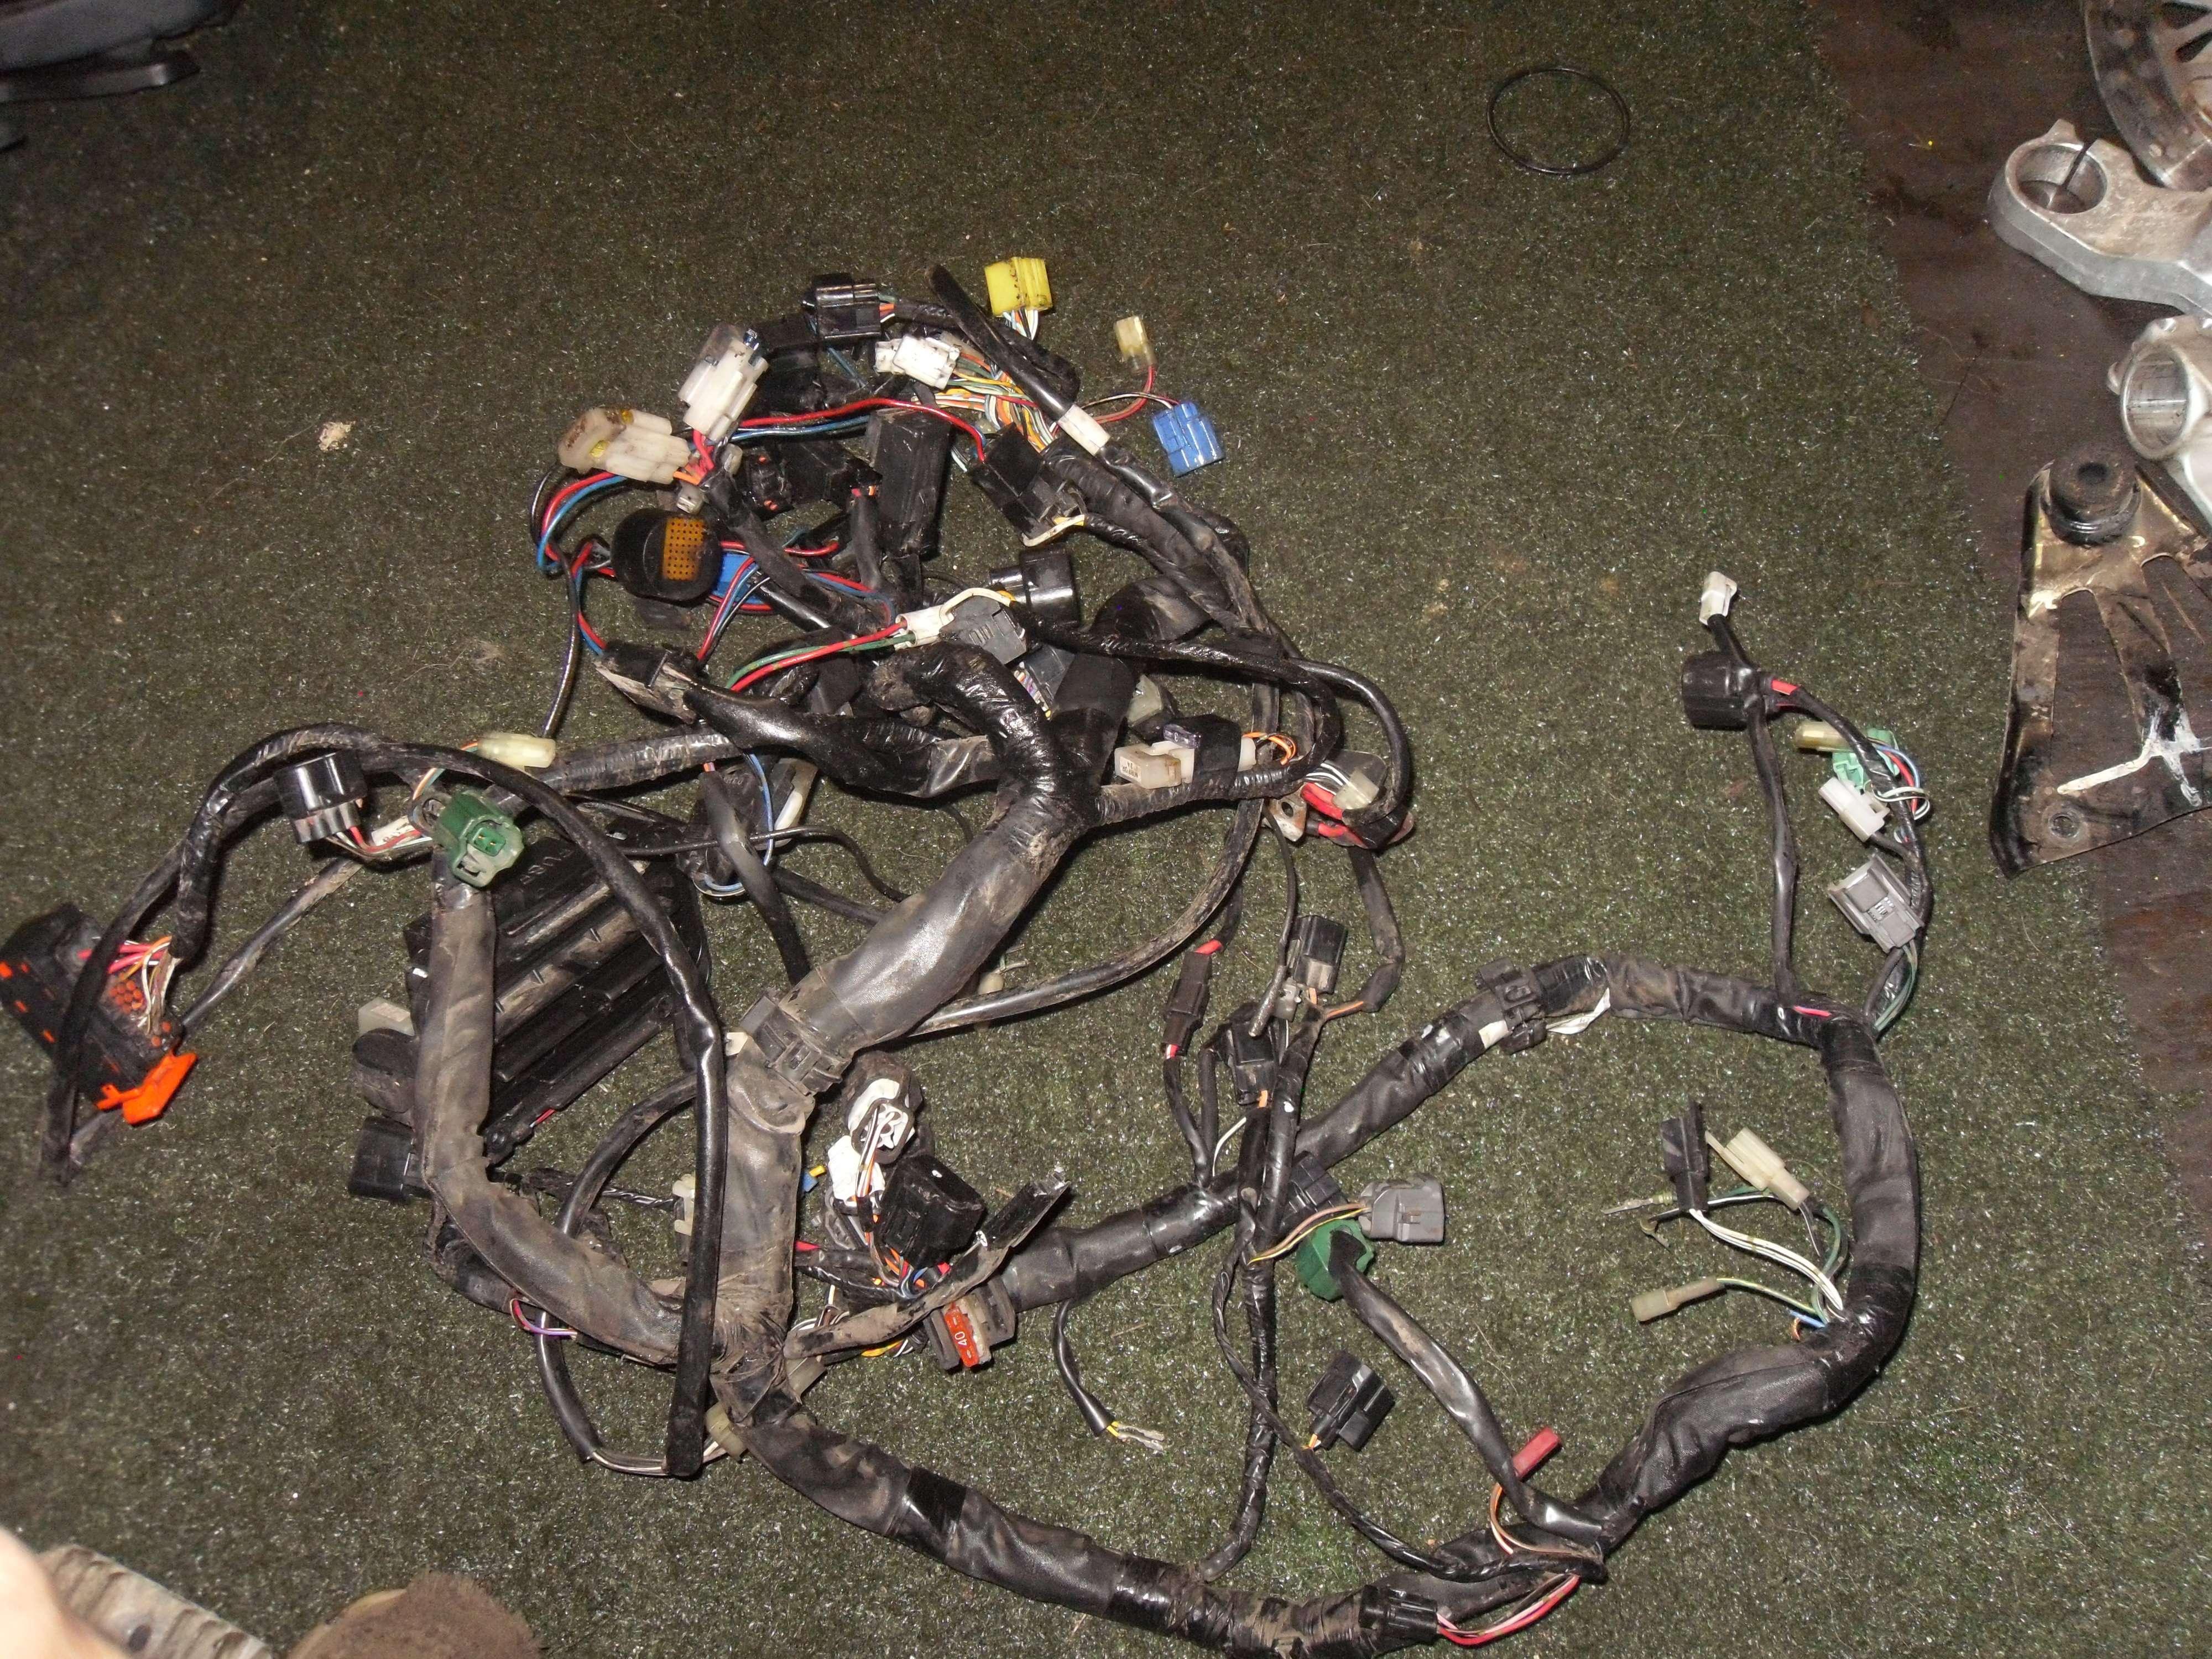 2006 Suzuki Burgman 650 An650 Wiring Harness Damaged For Parts